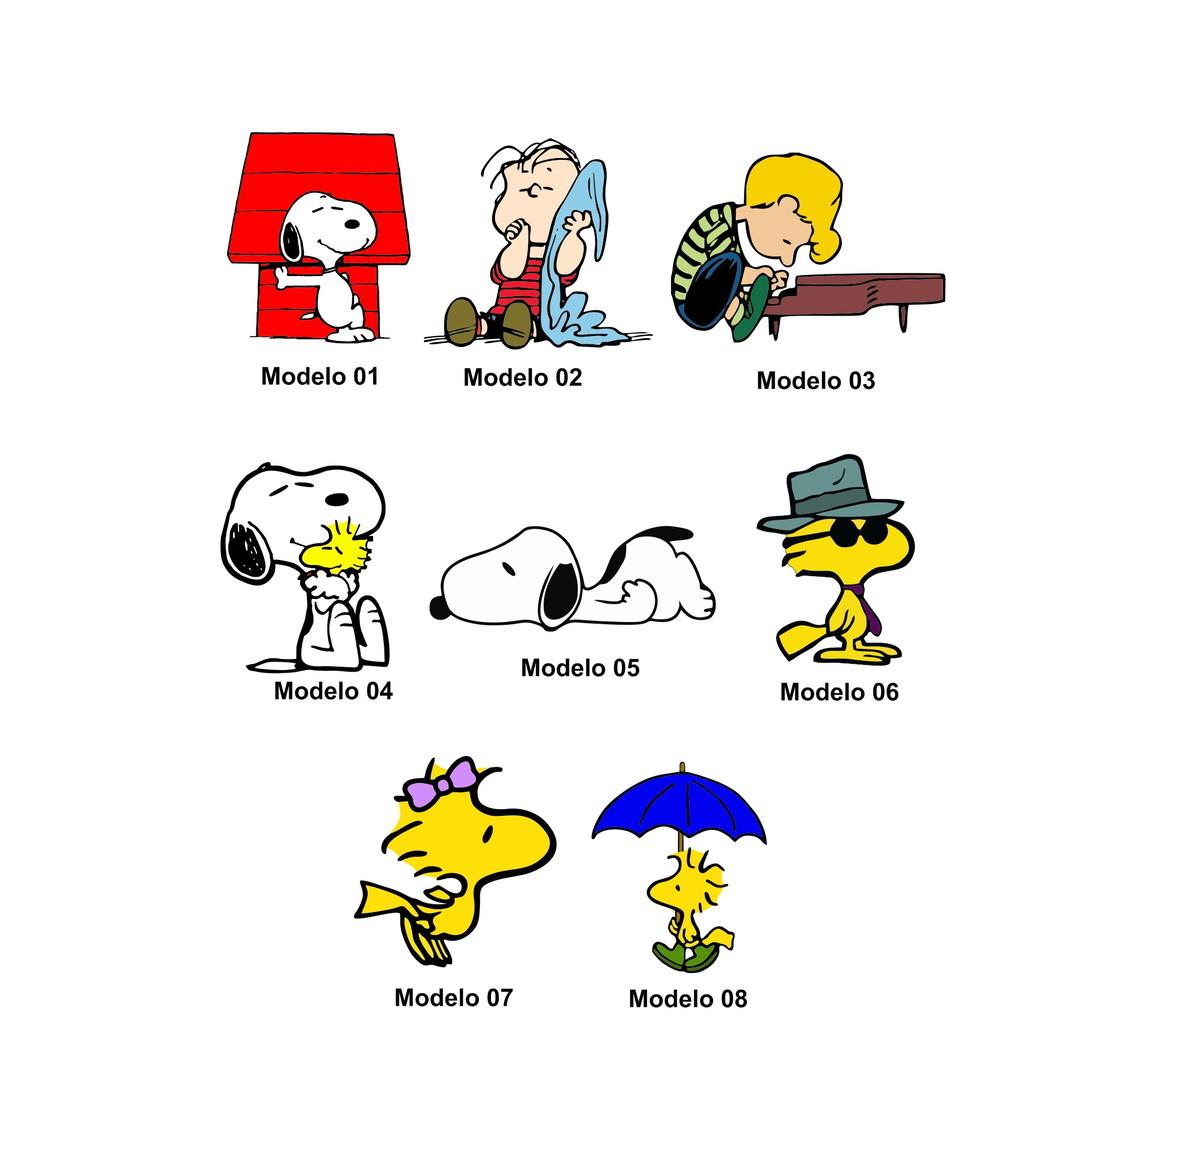 Adesivo Snoopy Peanuts Woodstock Linus Modelos Diversos no Elo7   Power Adesivos (DBD9E5)